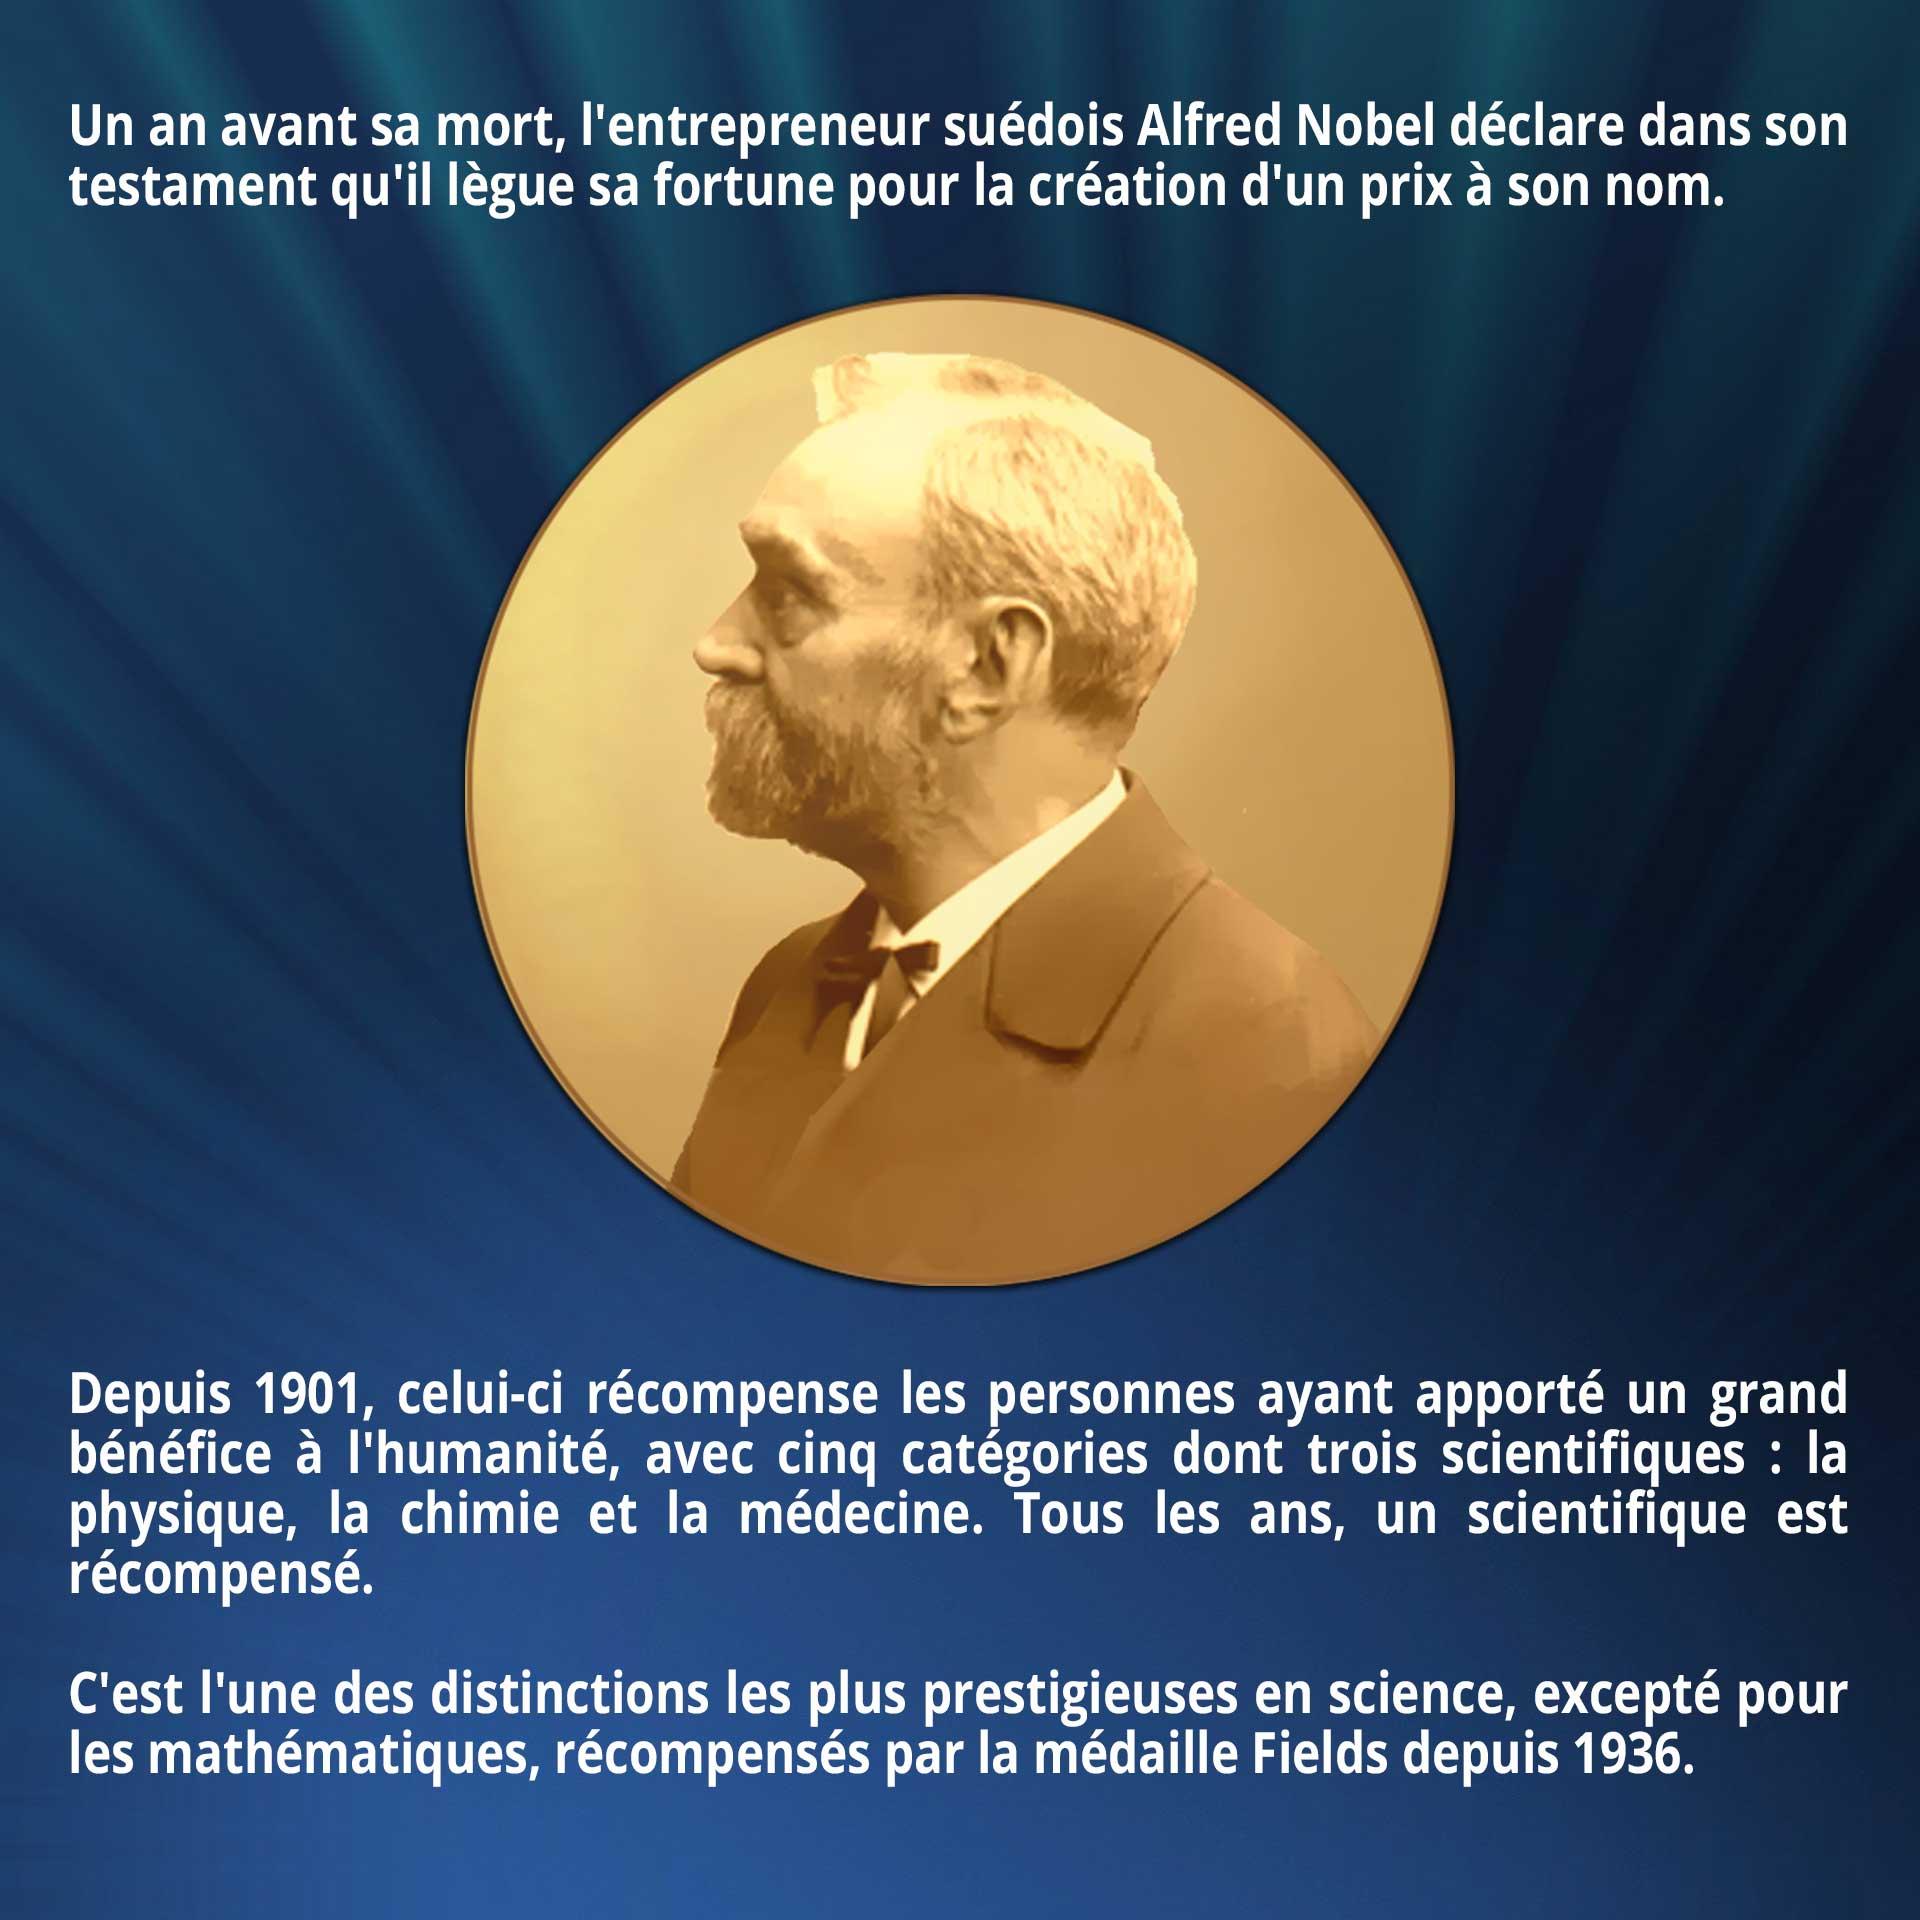 Un an avant sa mort, l'entrepreneur suédois Alfred Nobel déclare dans son testament qu'il lègue sa fortune pour la création d'un prix à son nom. Depuis 1901, celui-ci récompense les personnes ayant apporté un grand bénéfice à l'humanité, avec cinq catégories dont trois scientifiques : la physique, la chimie et la médecine. Tous les ans, un scientifique est récompensé. C'est l'une des distinctions les plus prestigieuses en science, excepté pour les mathématiques, récompensés par la médaille Fields depuis 1936.